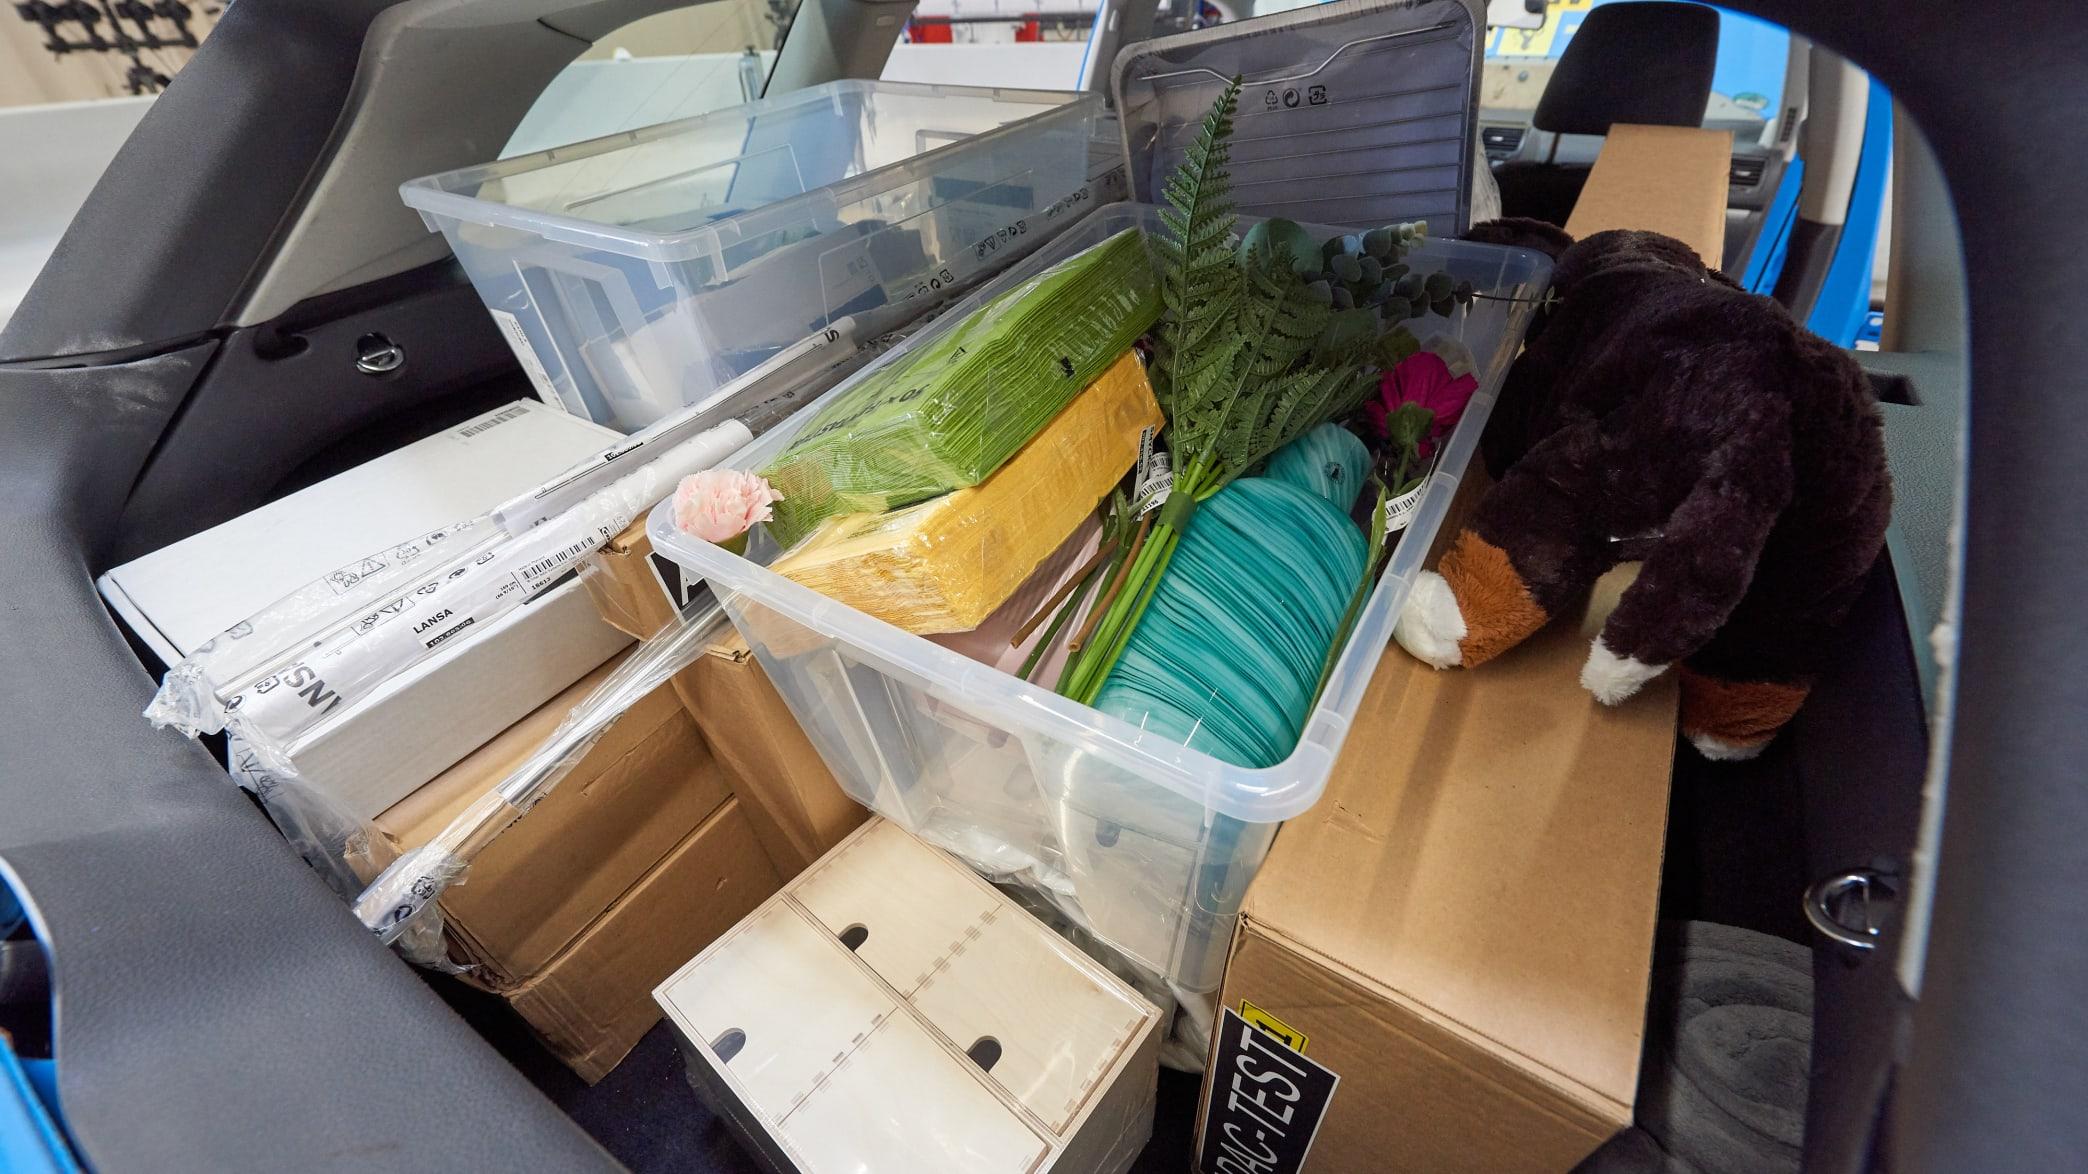 Ikea Artikel im Kofferraum eines Autos vor dem Crashtest Gepäcksicherung